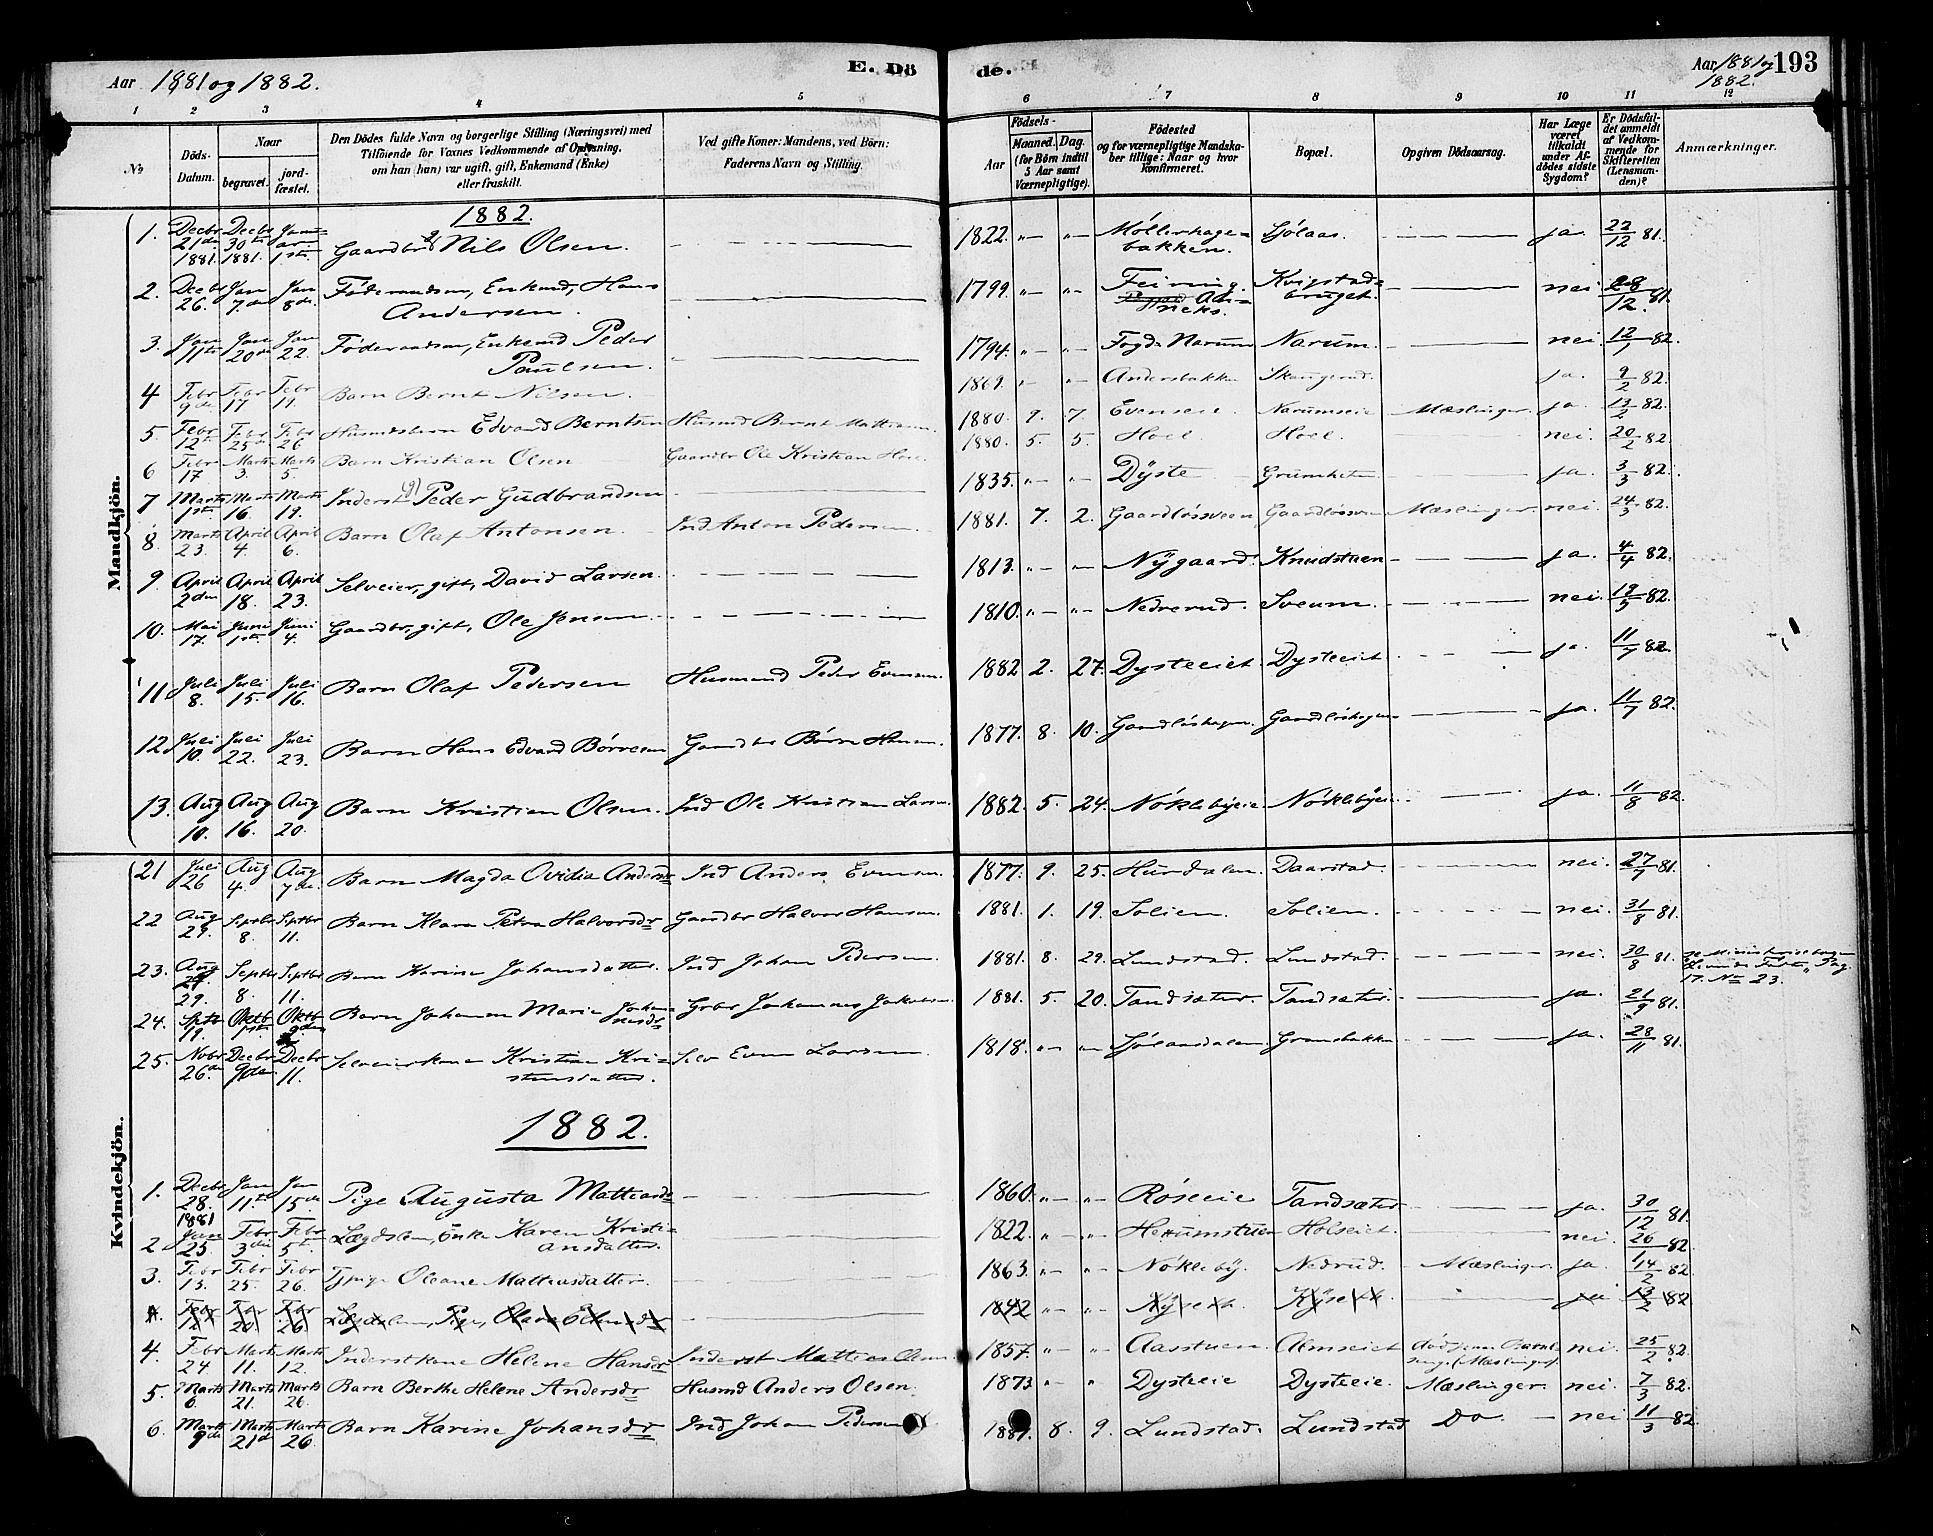 SAH, Vestre Toten prestekontor, Ministerialbok nr. 10, 1878-1894, s. 193